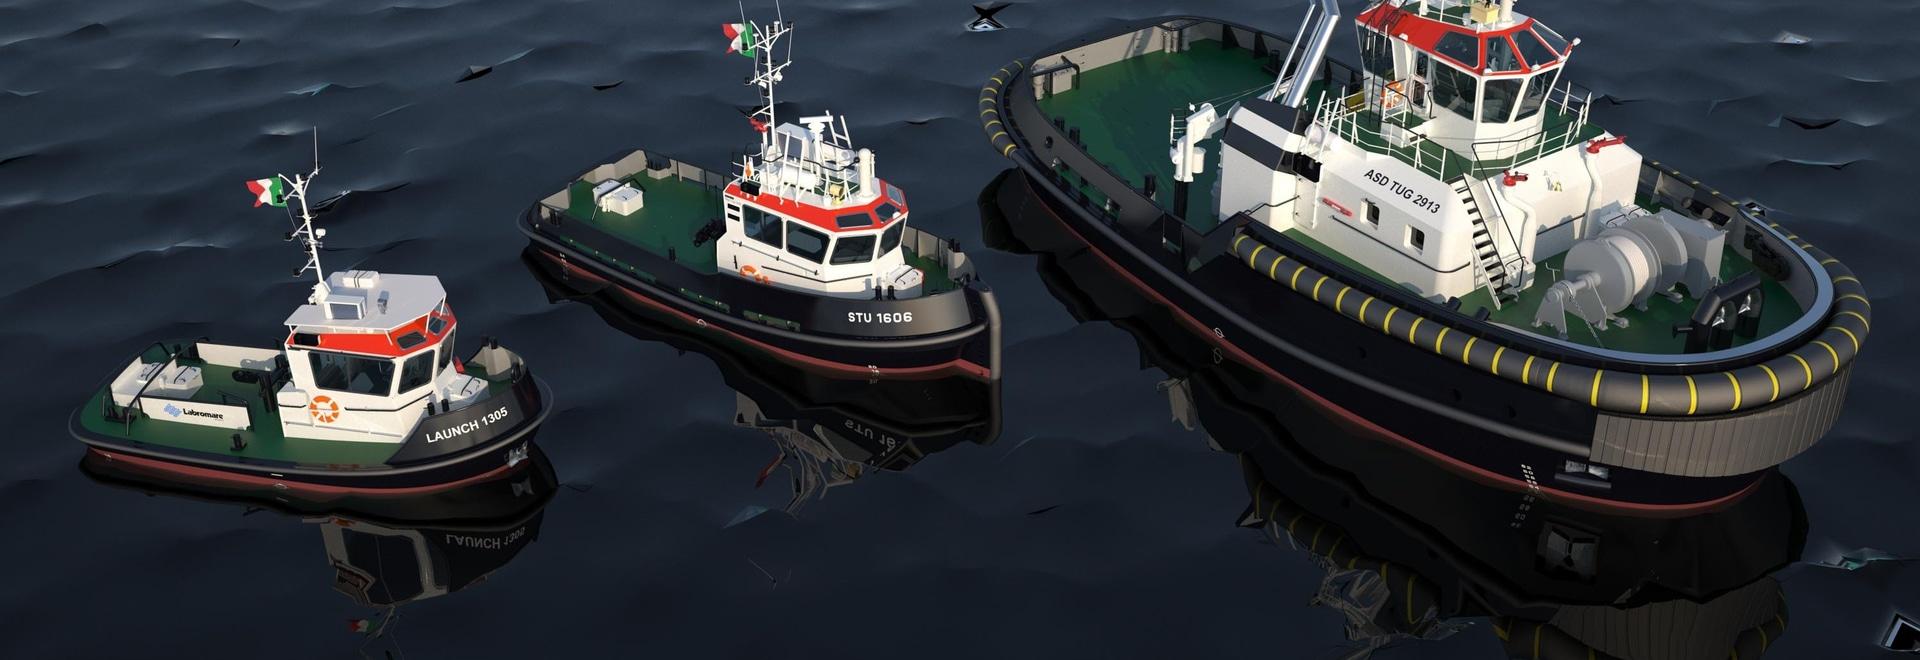 Un tirón de ASD, Stan Tug 1606 y Stan Launch 1305 están en la orden para Fratelli Neri (Damen)